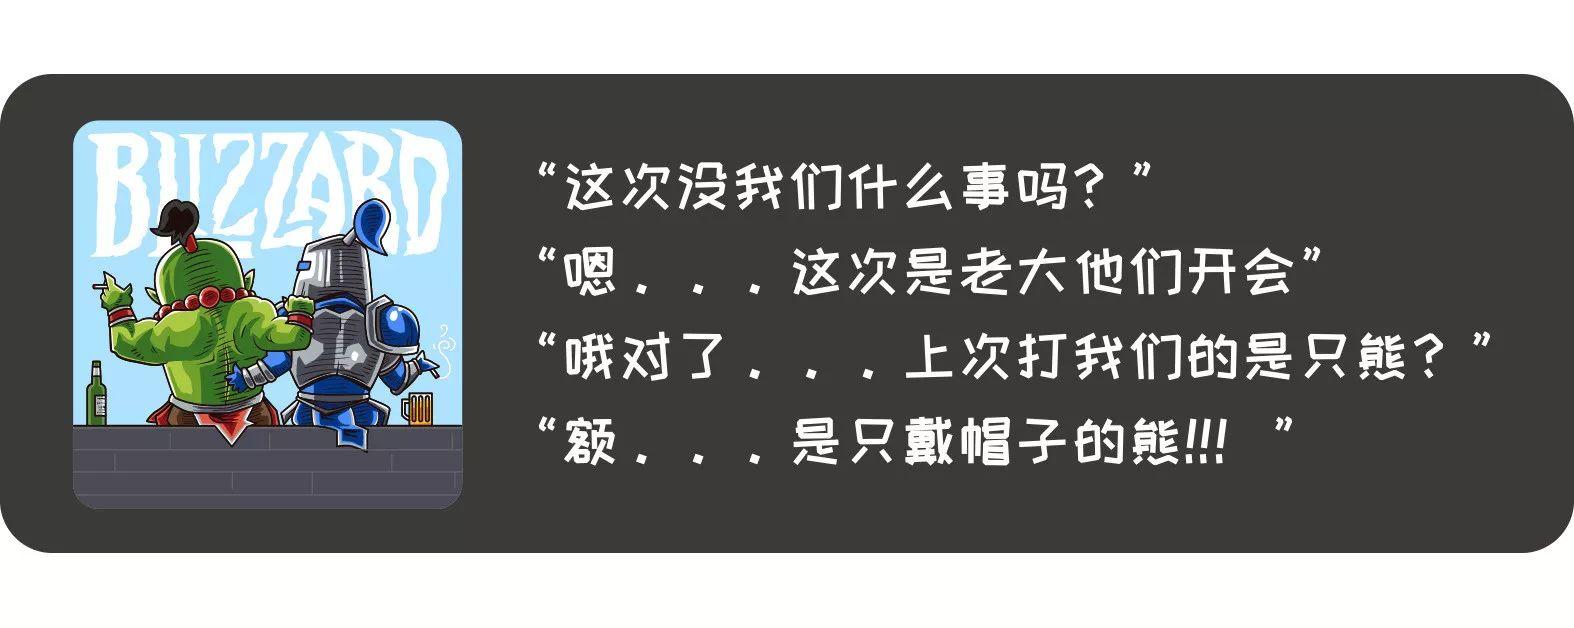 【暴雪x搜狗输入法表情征集】艾泽拉斯扛把子